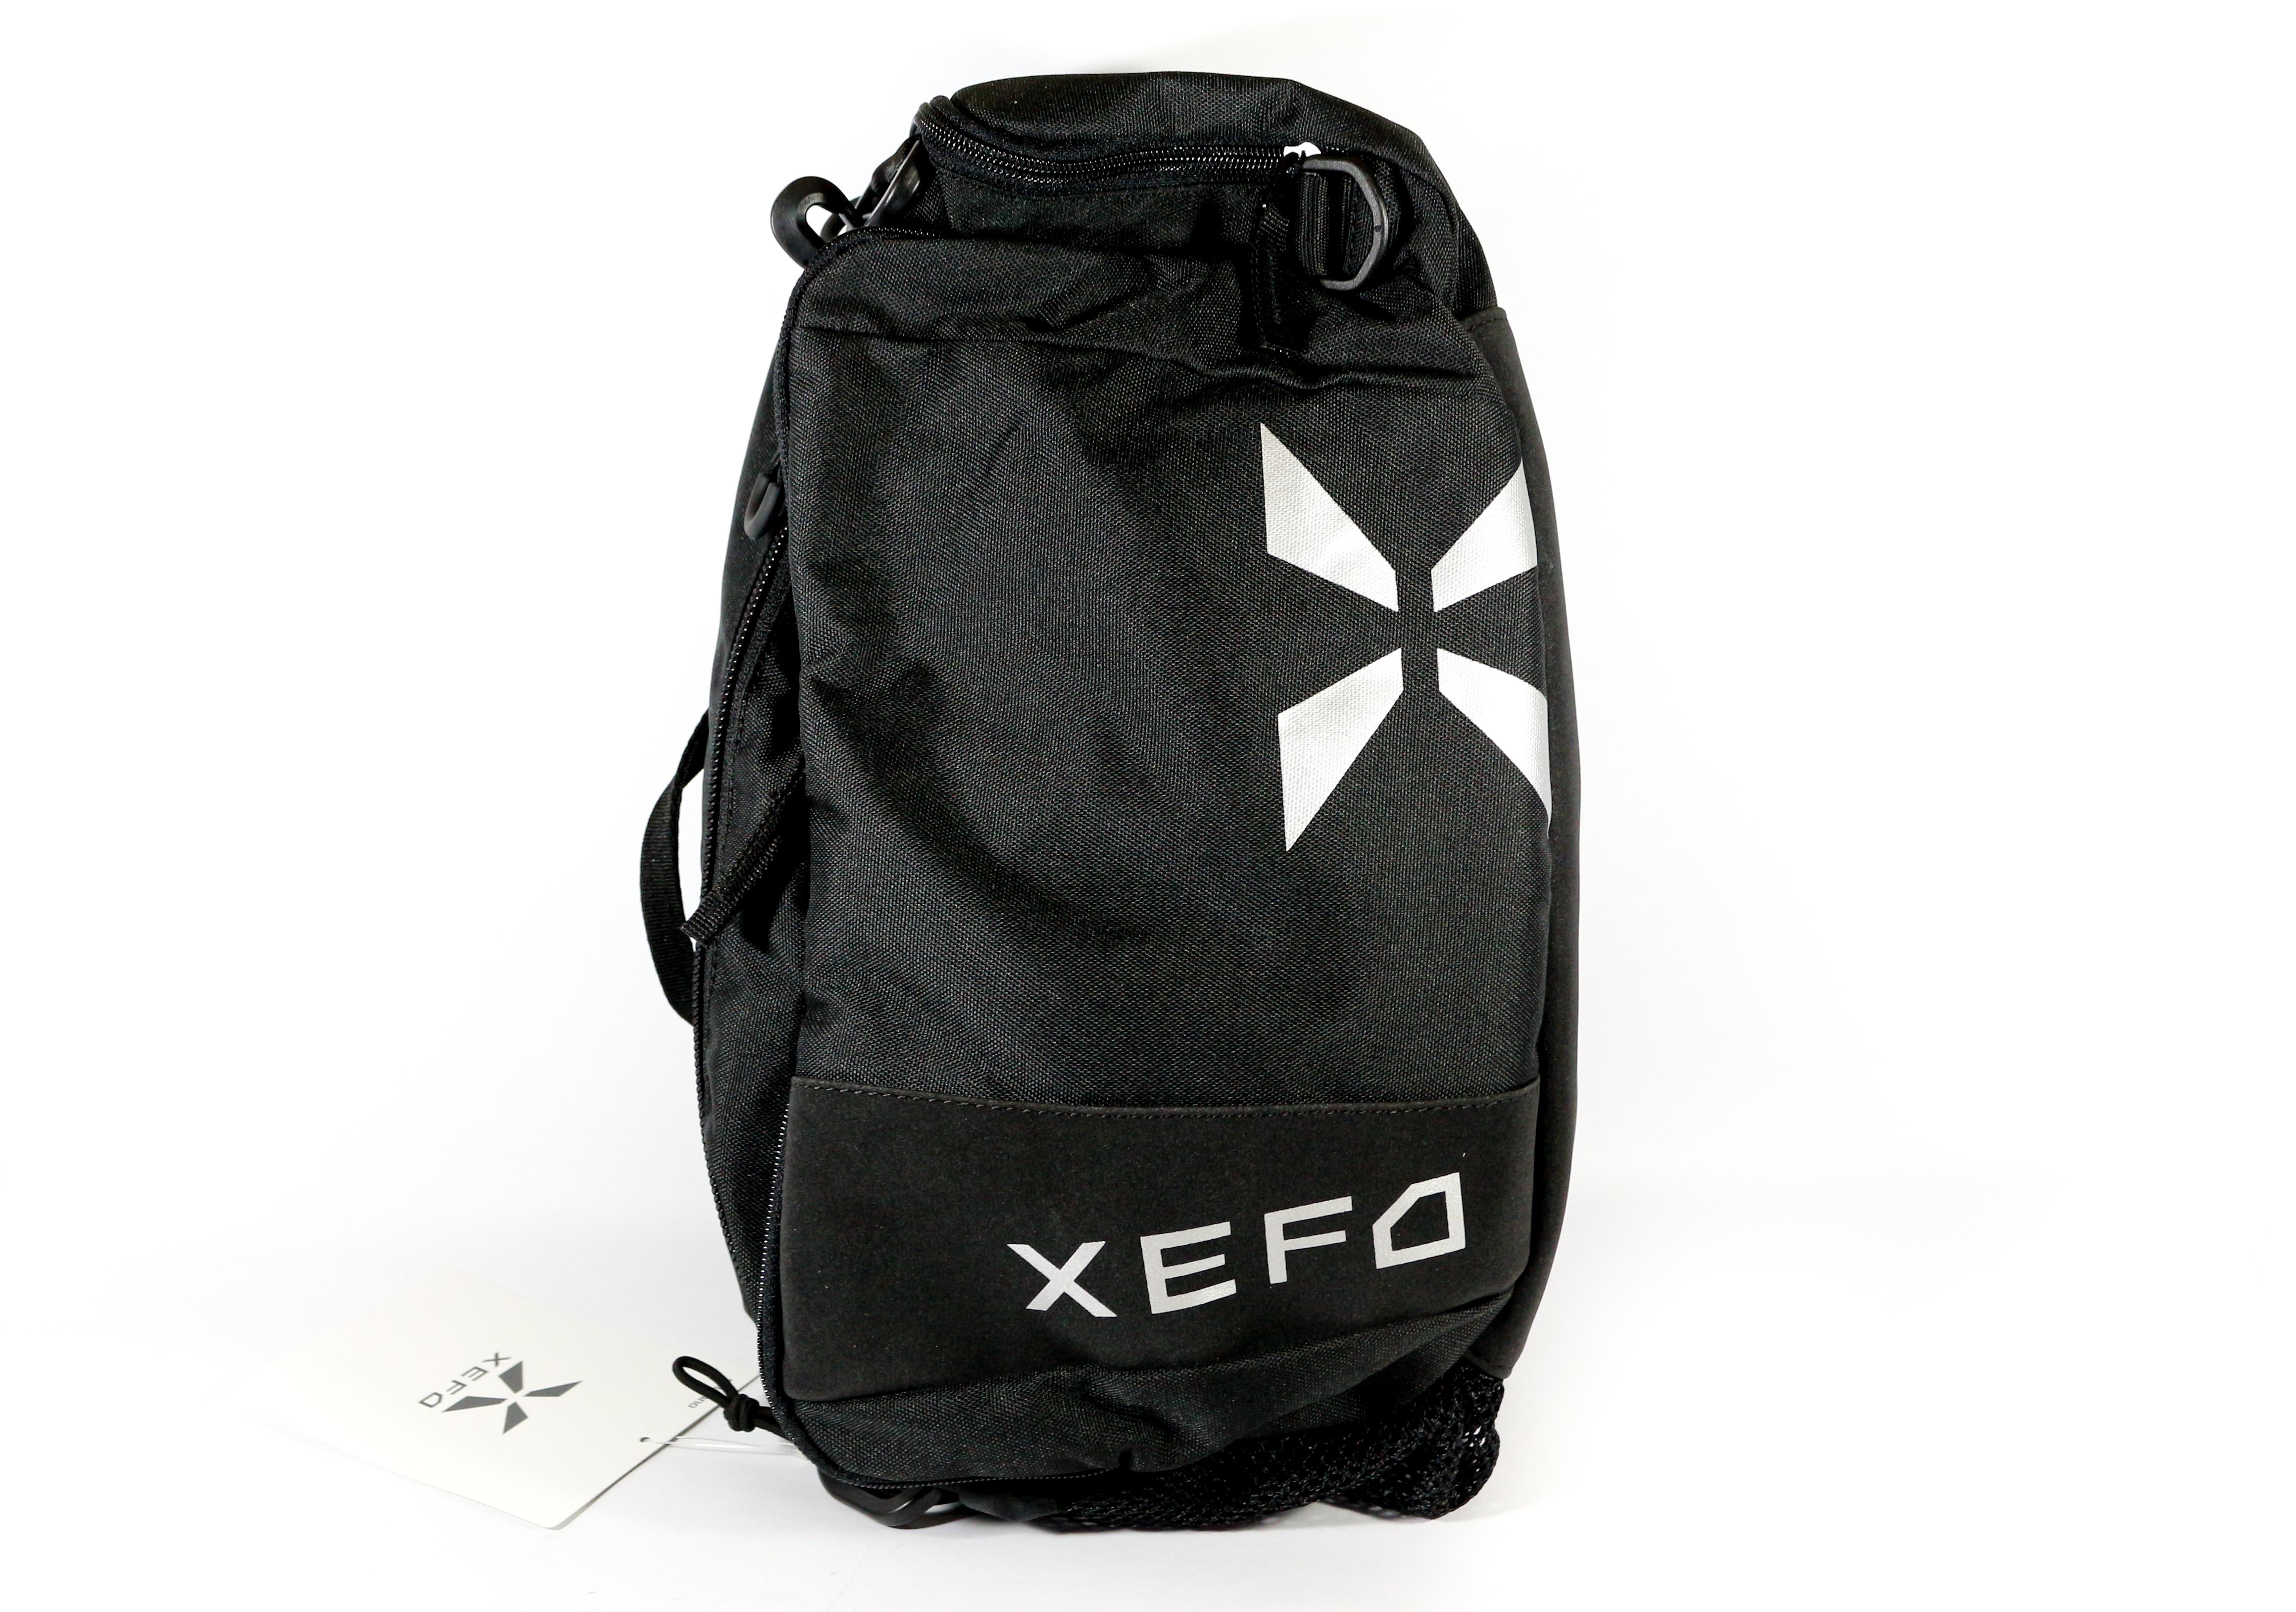 Shimano BS-240N XEFO Sling Hip Bag 13.5 x 34.5 x 23 cm Black 424884